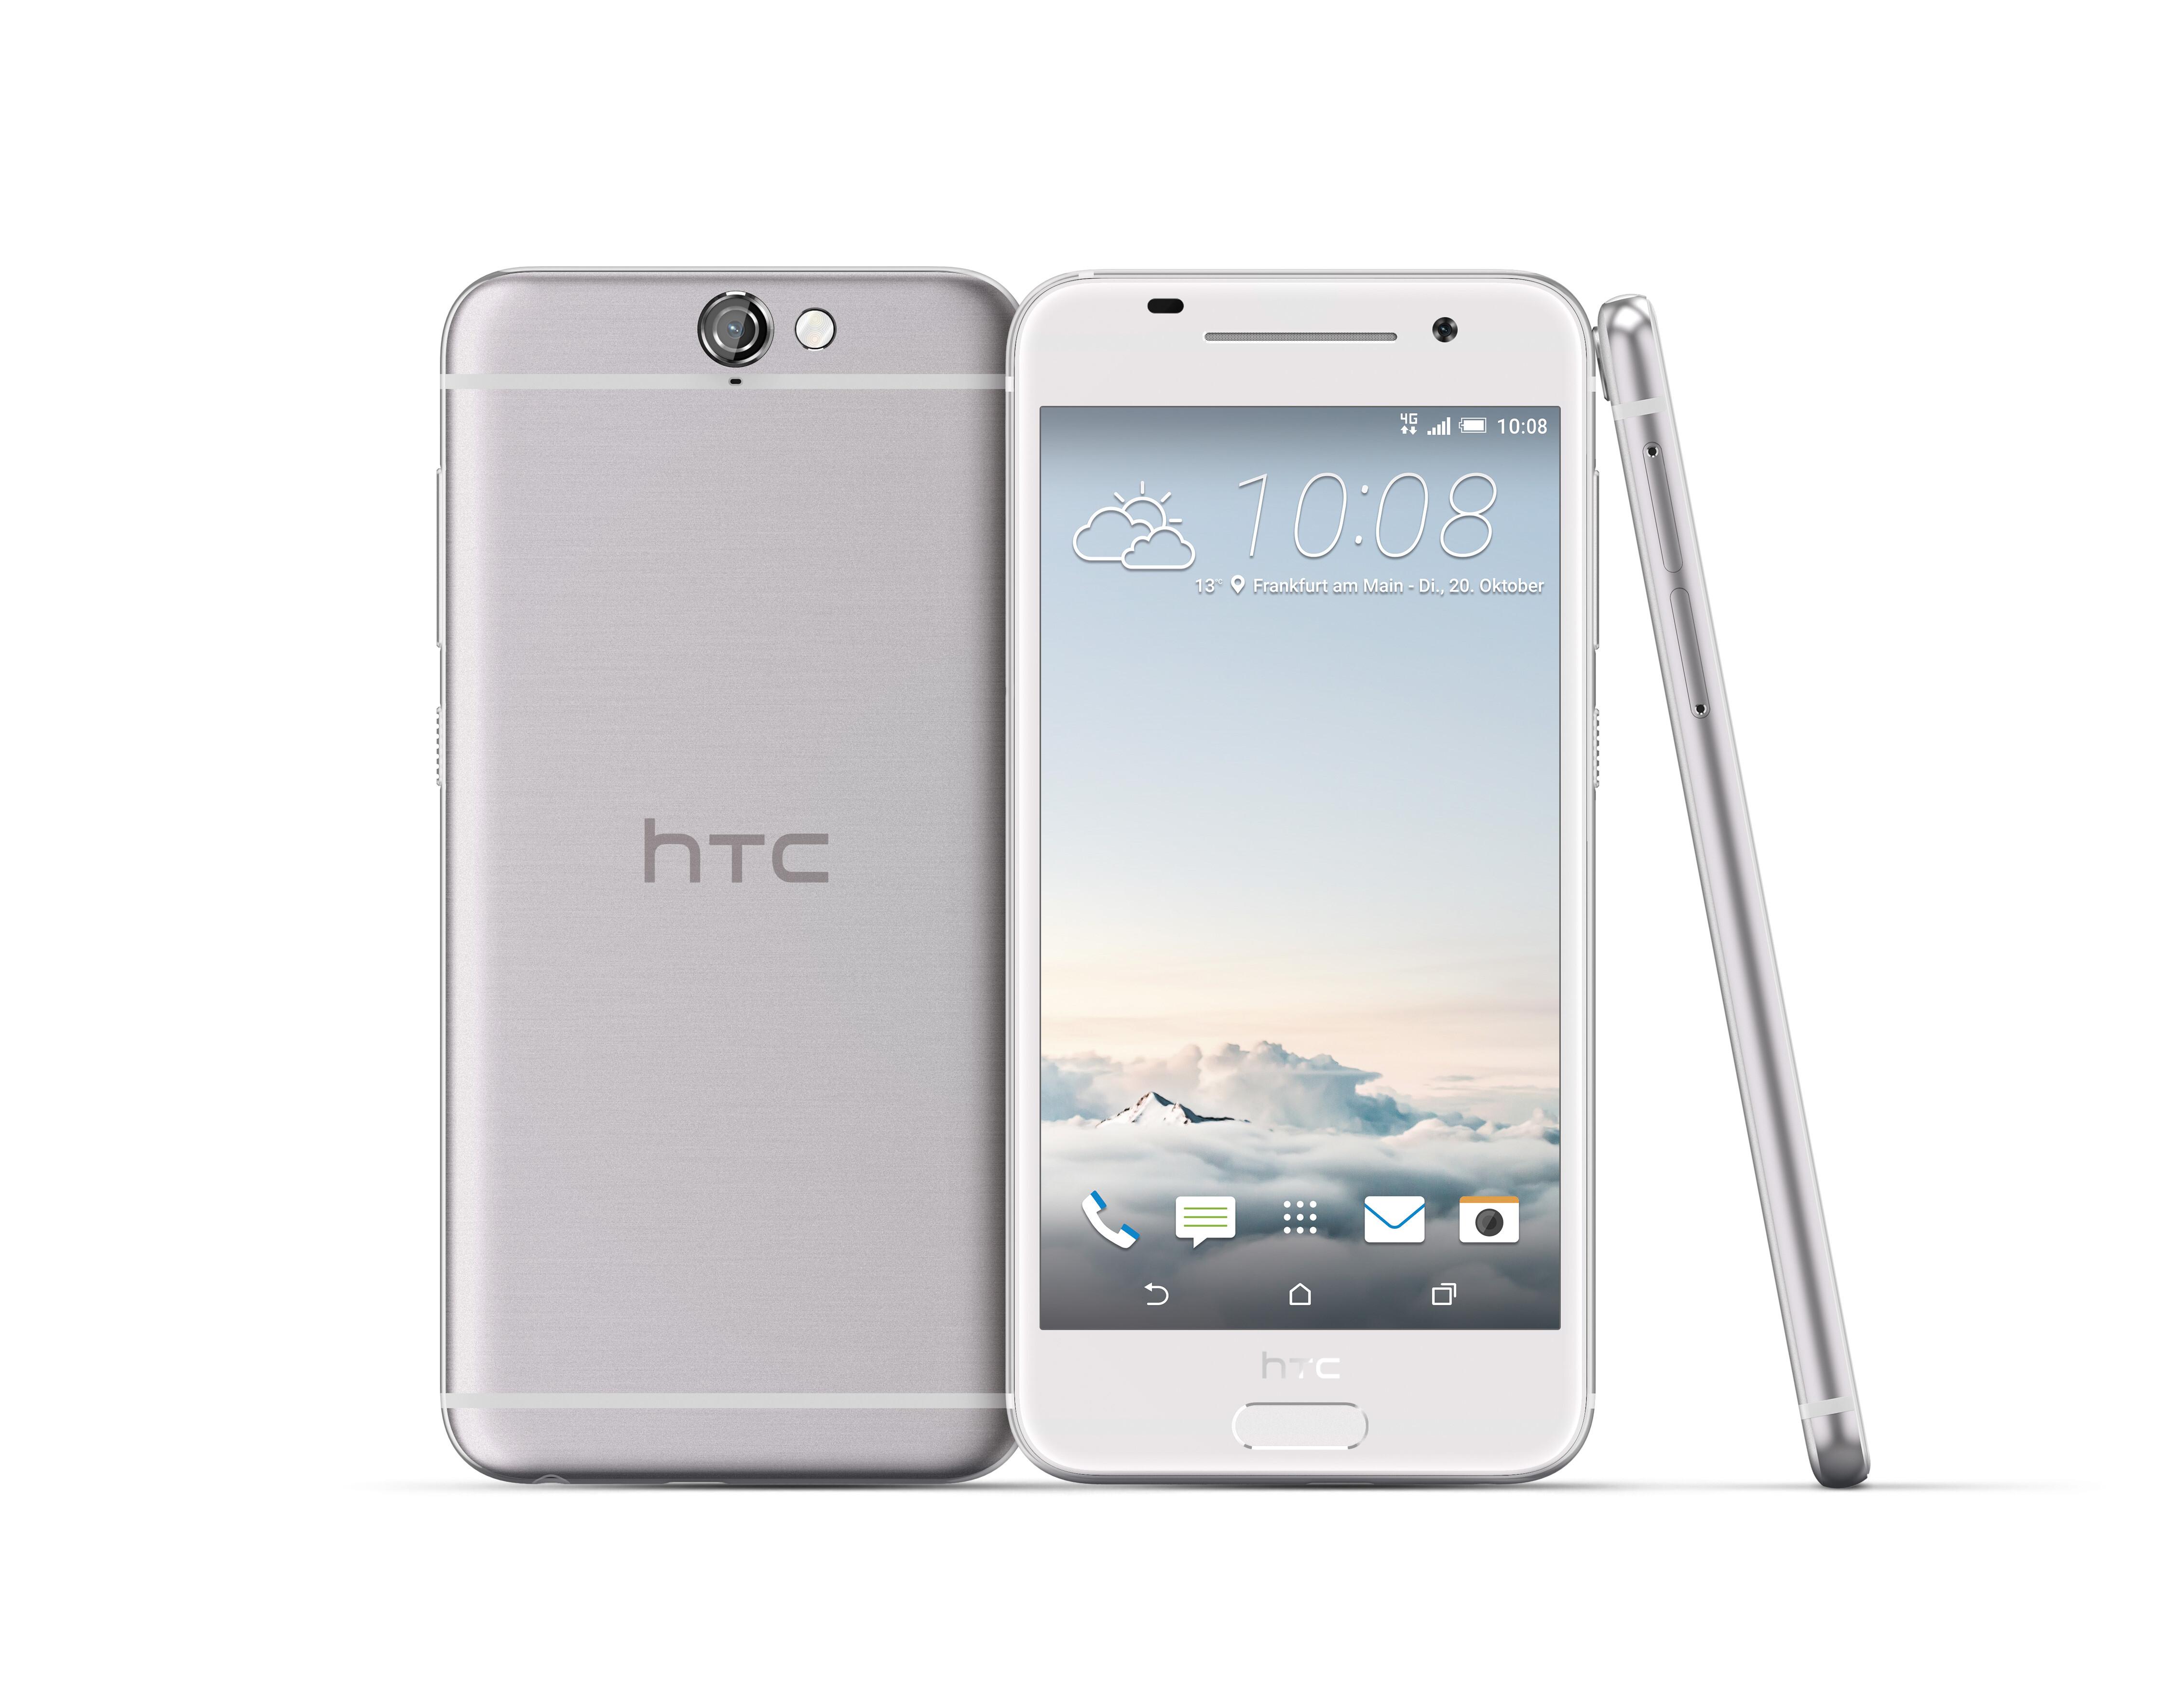 One A9 HTC